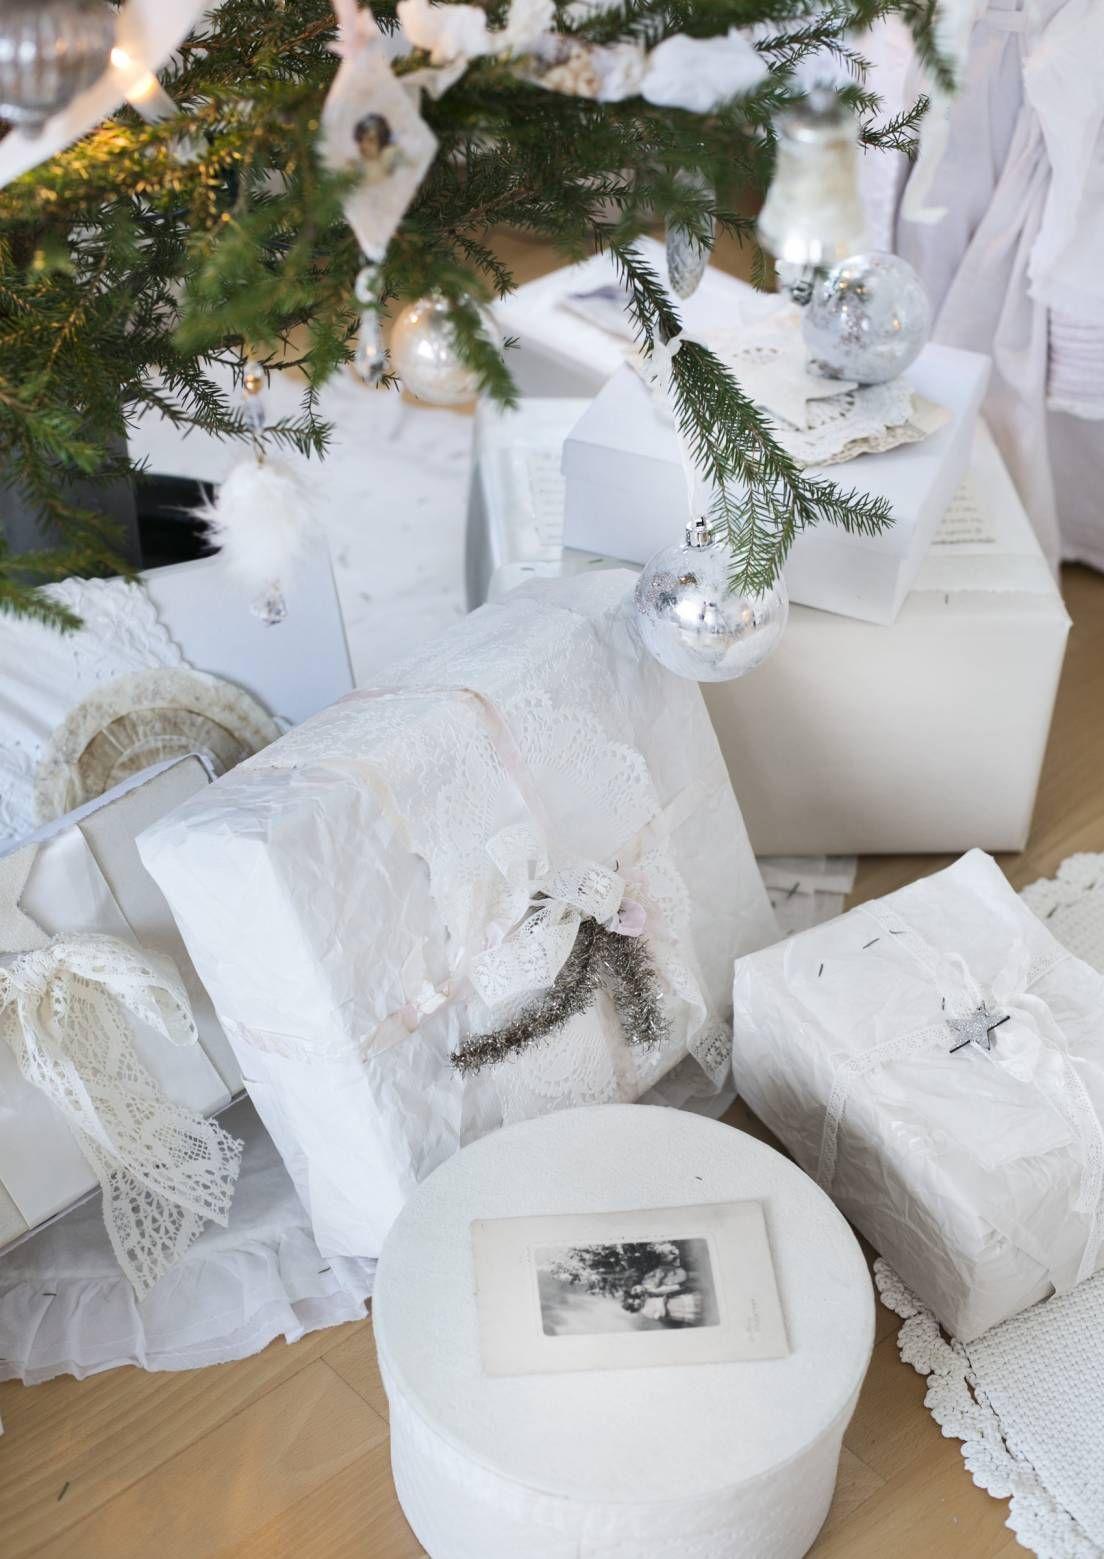 Nätisti paketoitu joululahja on ilo antaa ja ilo saada. Katso Unelmien Talo&Kodin paketointi-ideat joululahjoille.